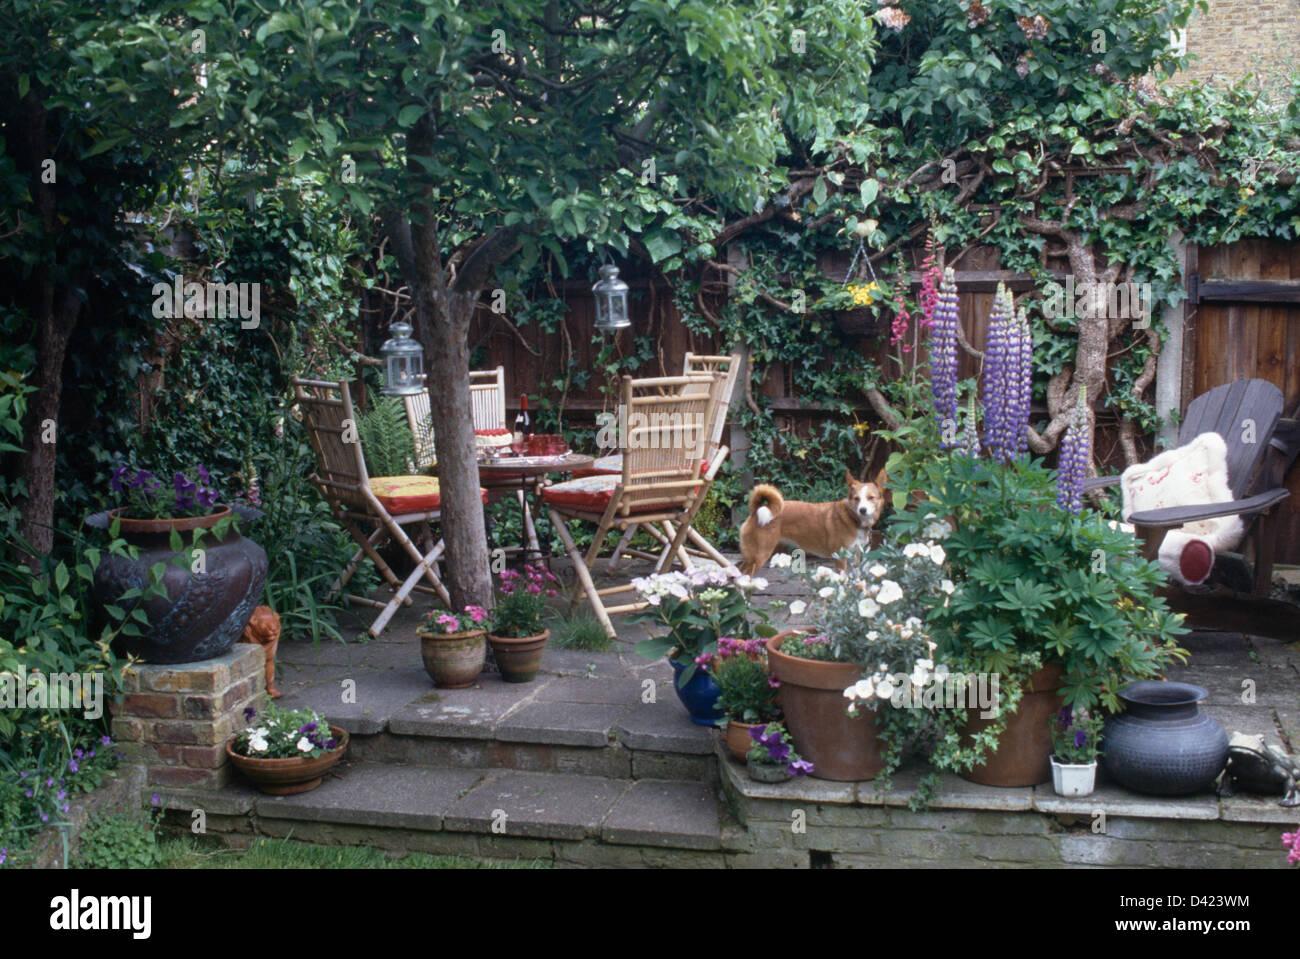 Reihenhaus-Garten mit blühenden Pflanzen in Töpfen und blauen ...